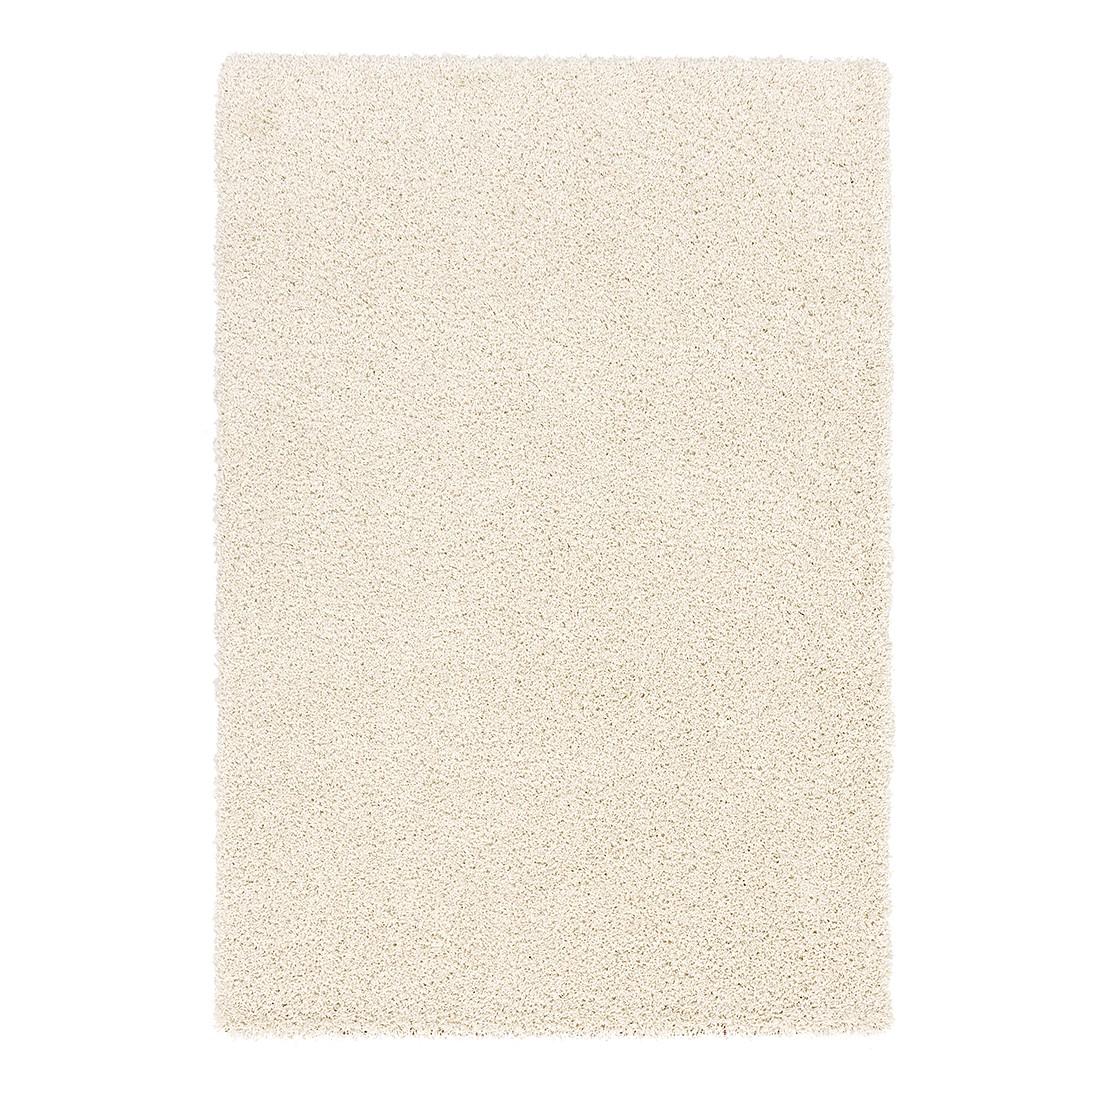 Teppich Palermo – Creme – 60 x 110 cm, Astra online kaufen